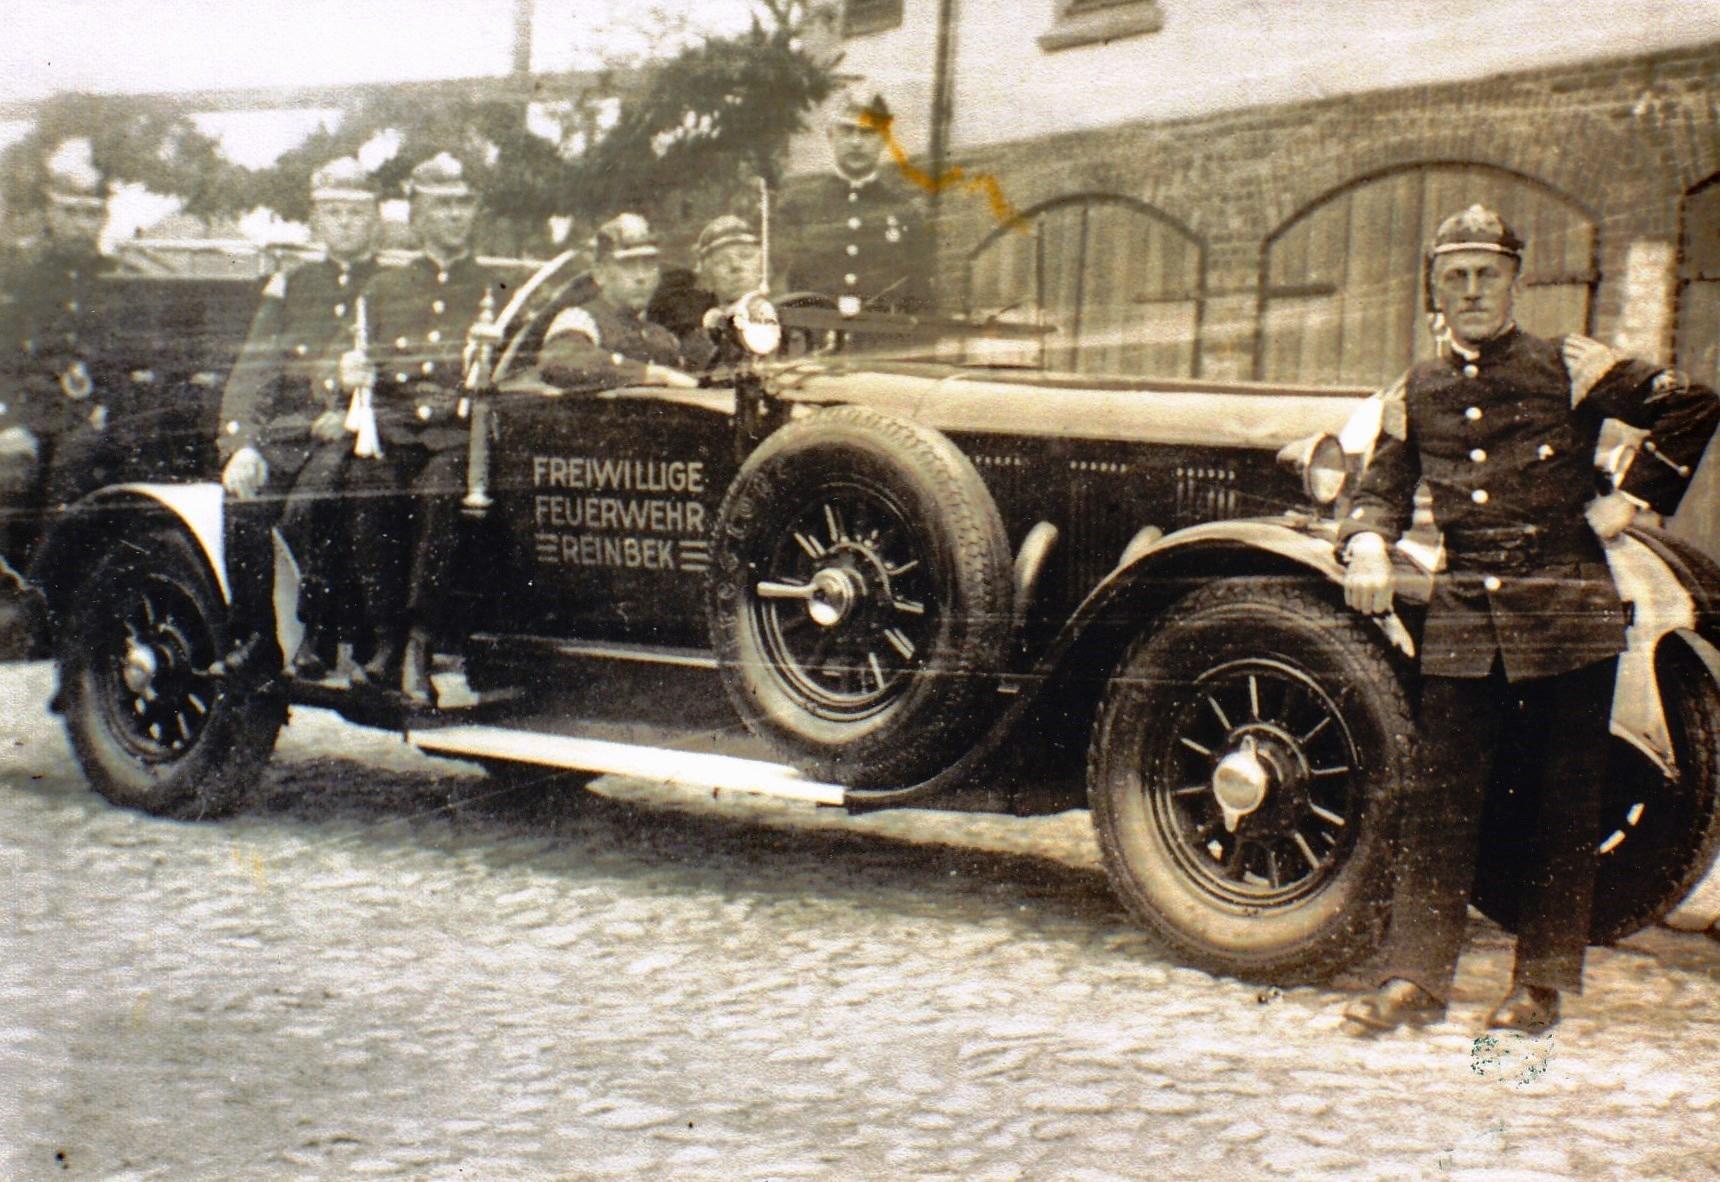 Der PKW der Freiwilligen Feuerwehr Reinbek am Feuerschutztag 1933